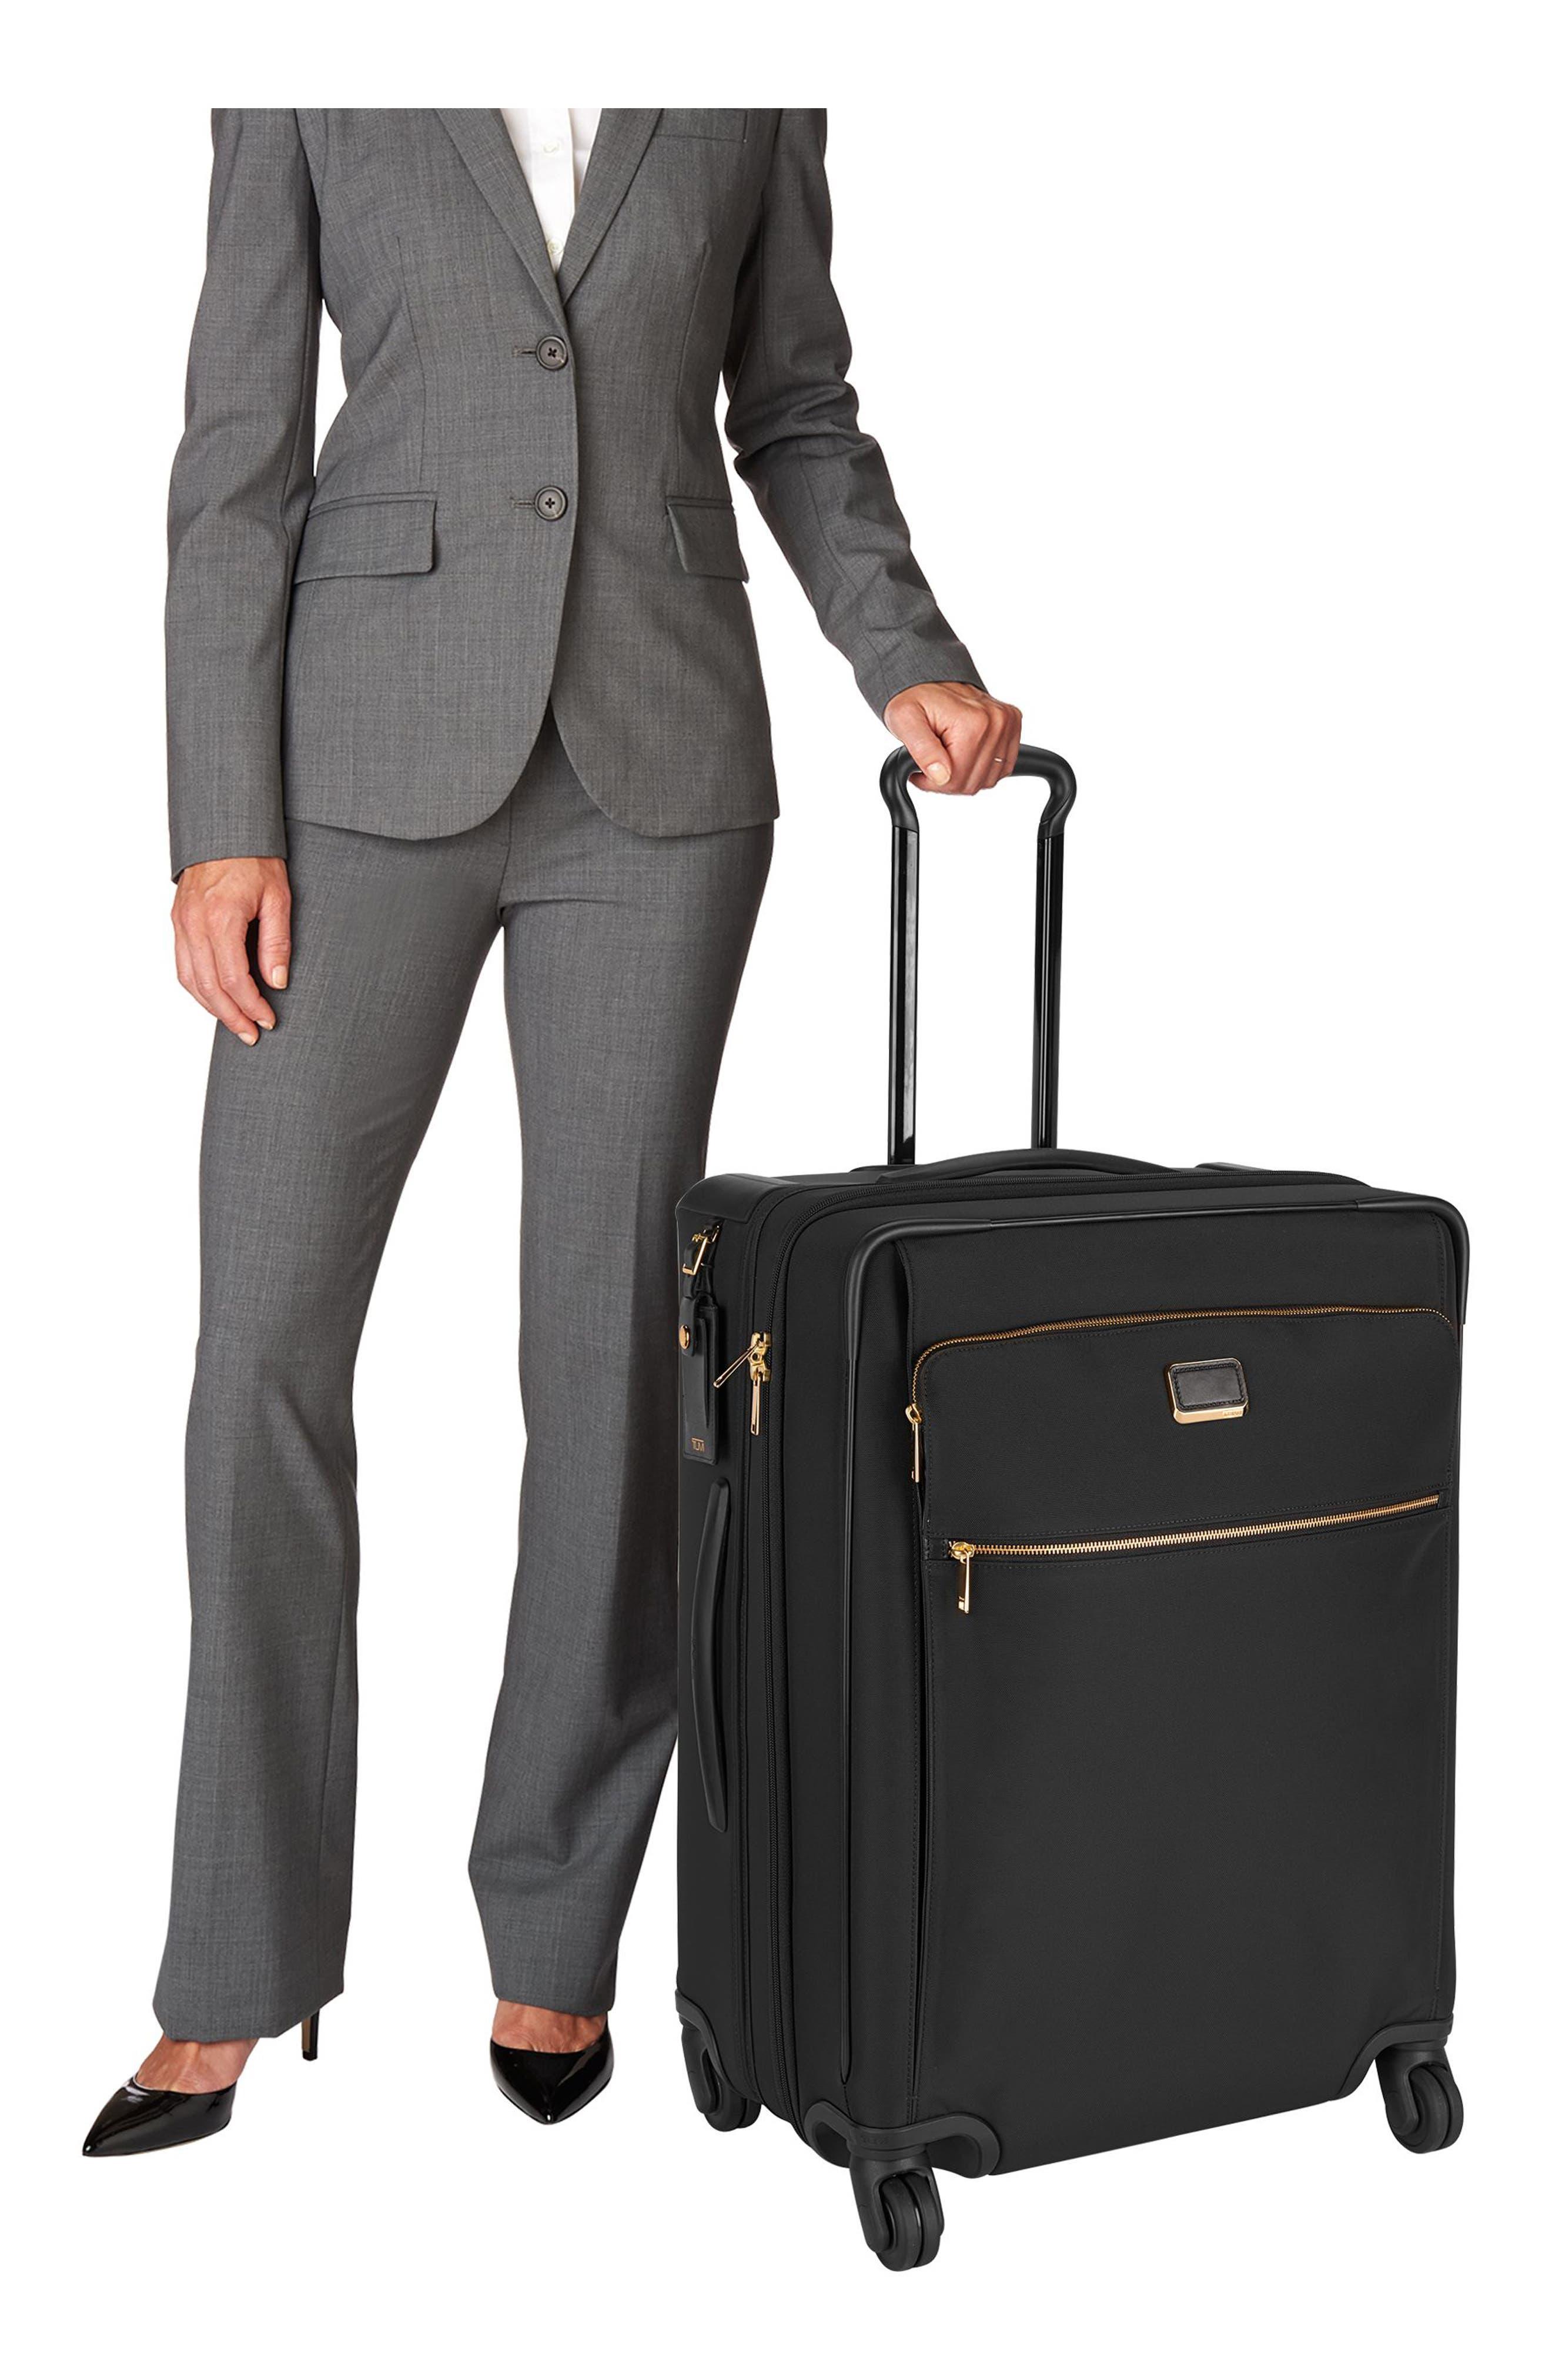 Larkin - Jess Short Trip 26-Inch Expandable 4-Wheel Suitcase,                             Alternate thumbnail 3, color,                             BLACK